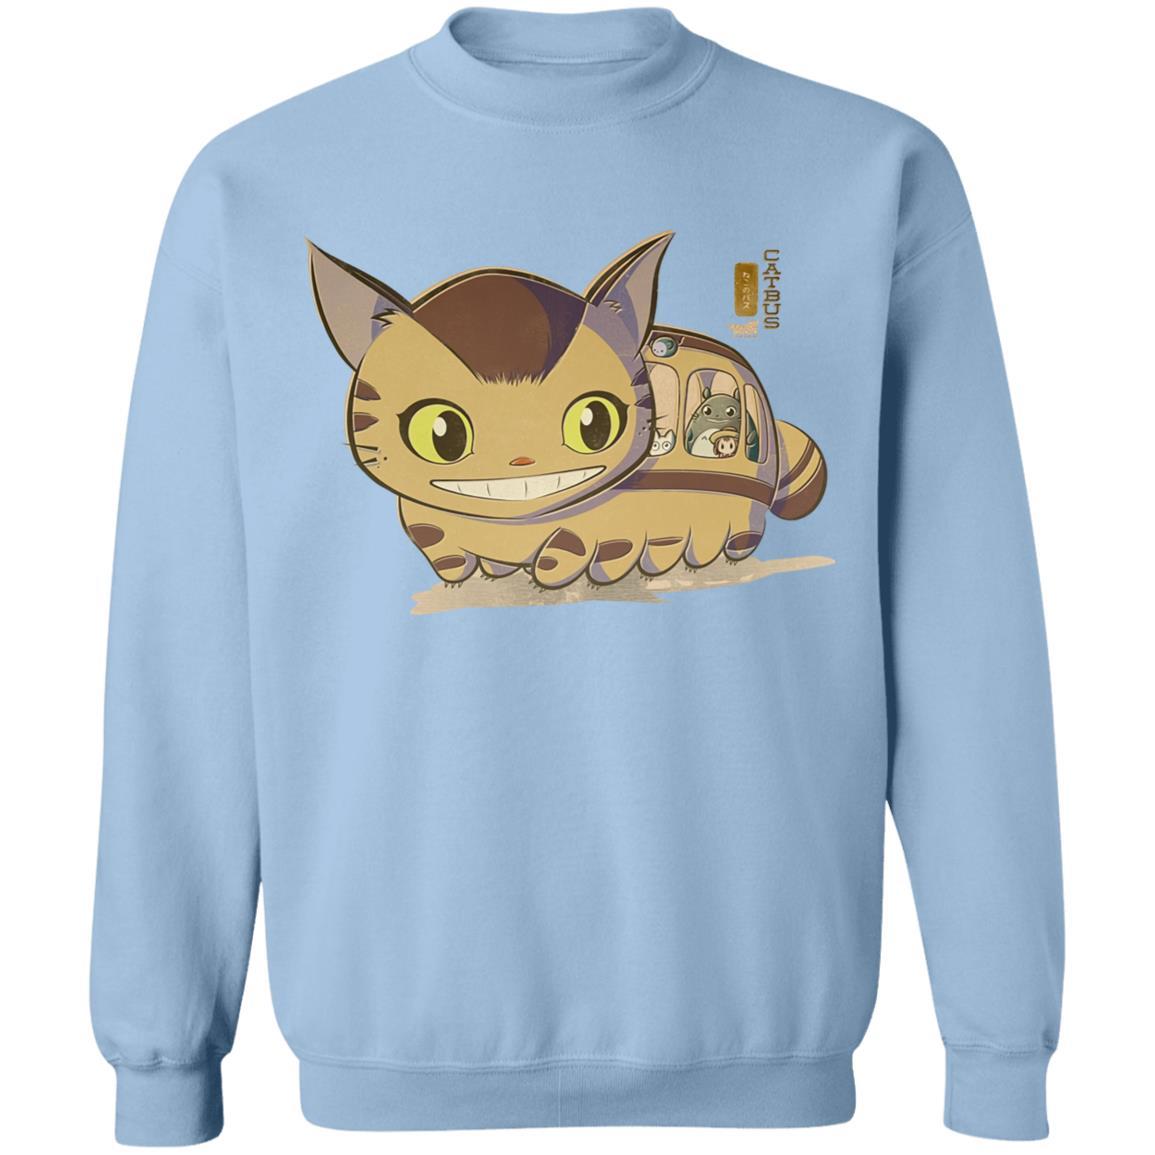 My Neighbor Totoro Catbus Chibi Sweatshirt